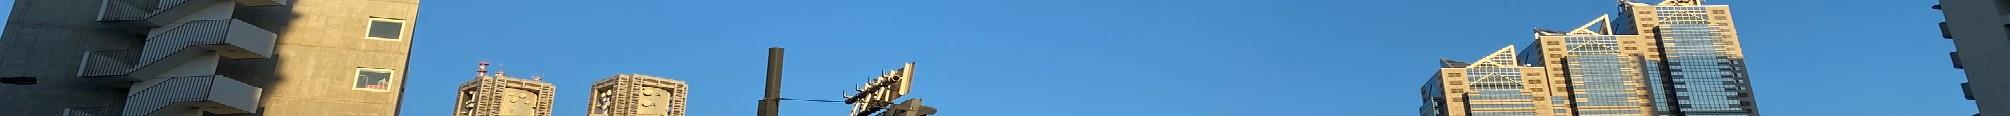 東京 中野 渋谷 新宿 社労士 労働保険 労災 雇用 健康保険 厚生年金 社会保険